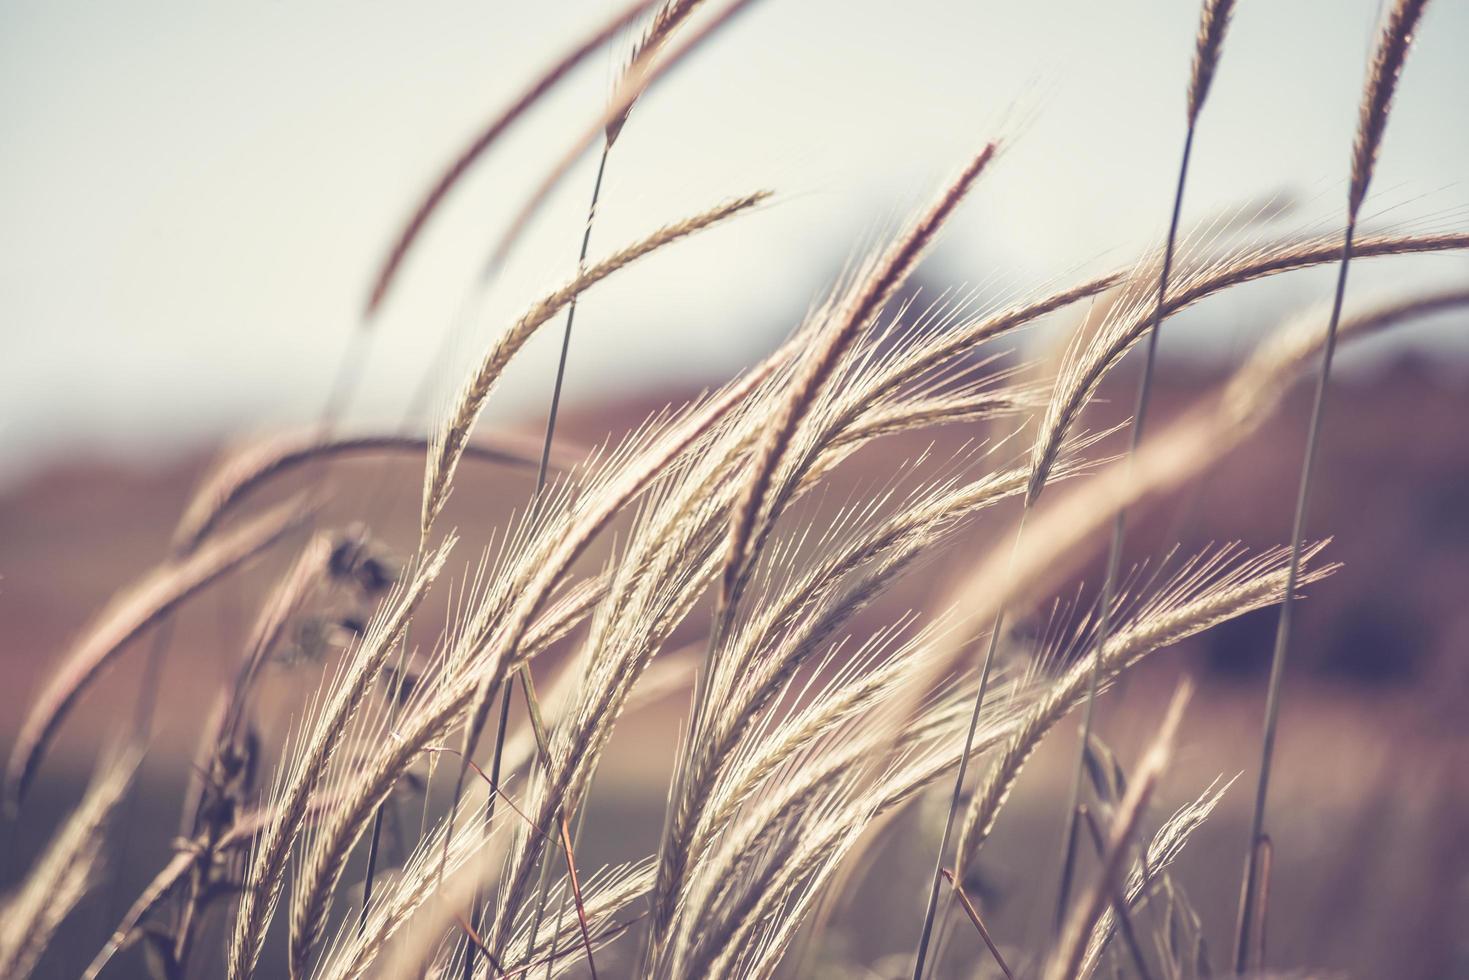 veteörstammar i naturligt bakgrundsbelyst ljus foto